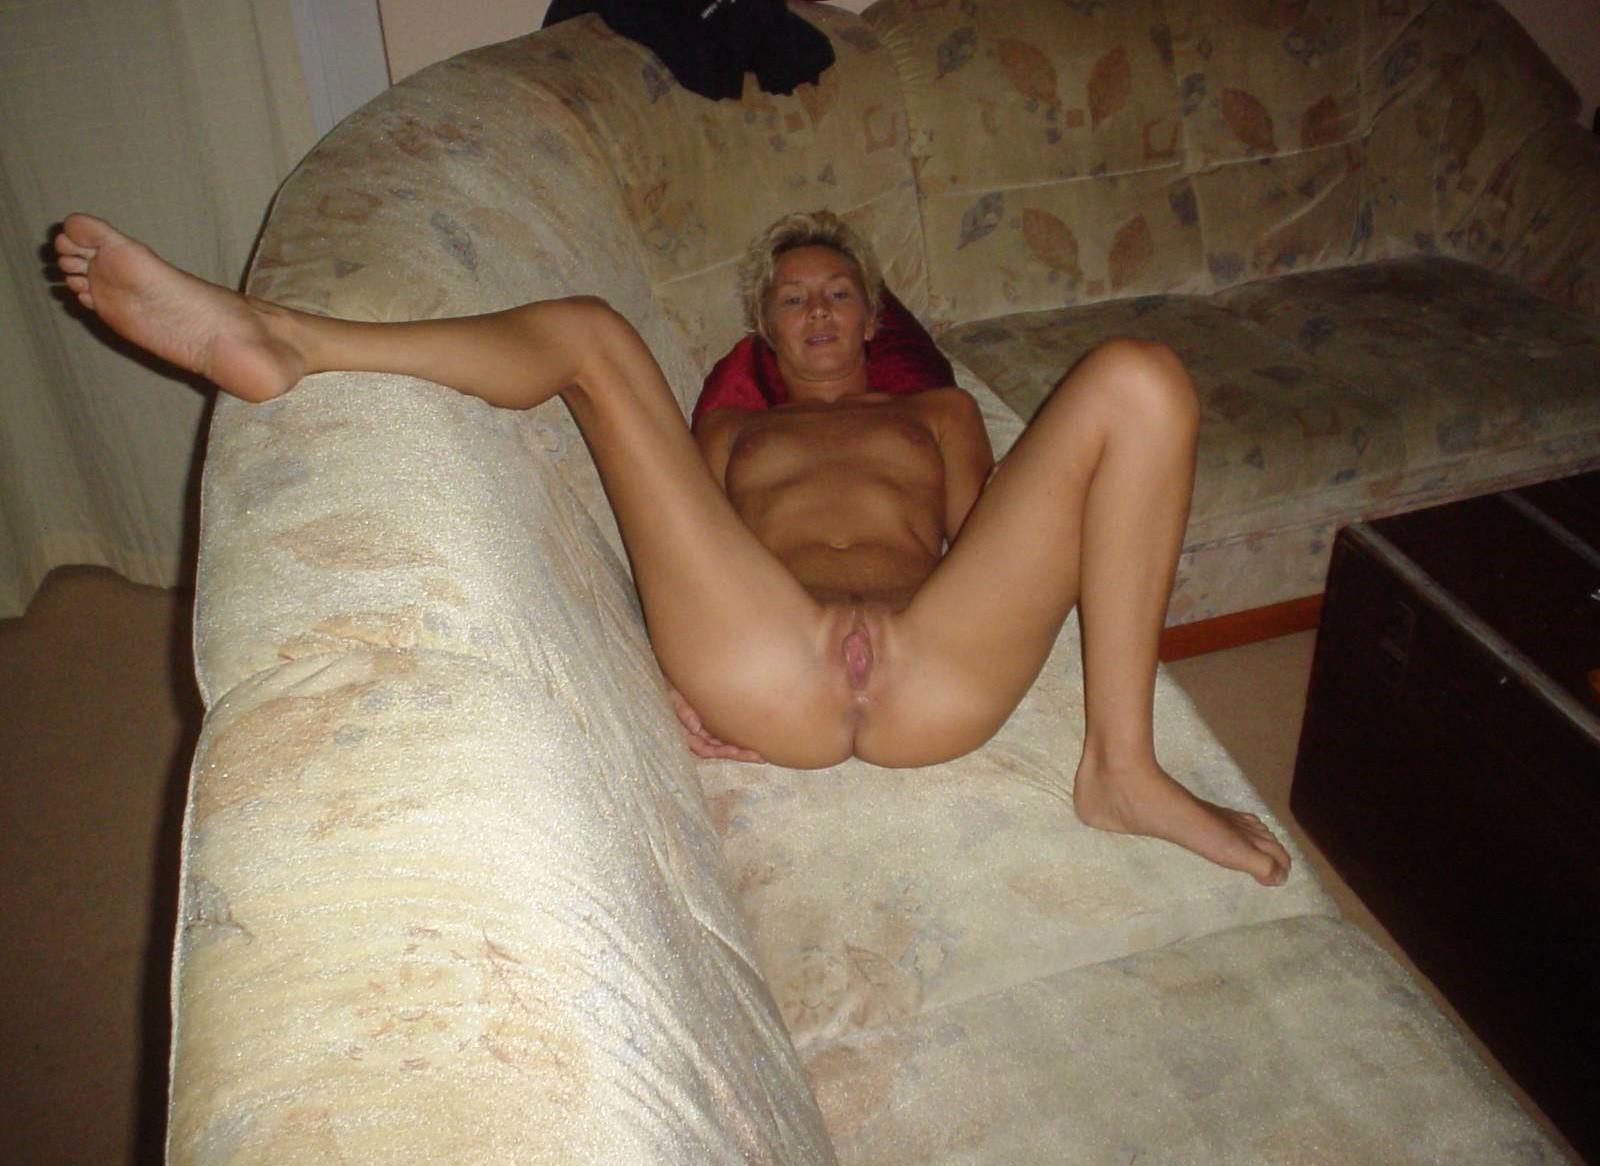 Развратная дамочка очень любит секс, поэтому всегда экспериментирует – то с двумя мужчинами, то с игрушками